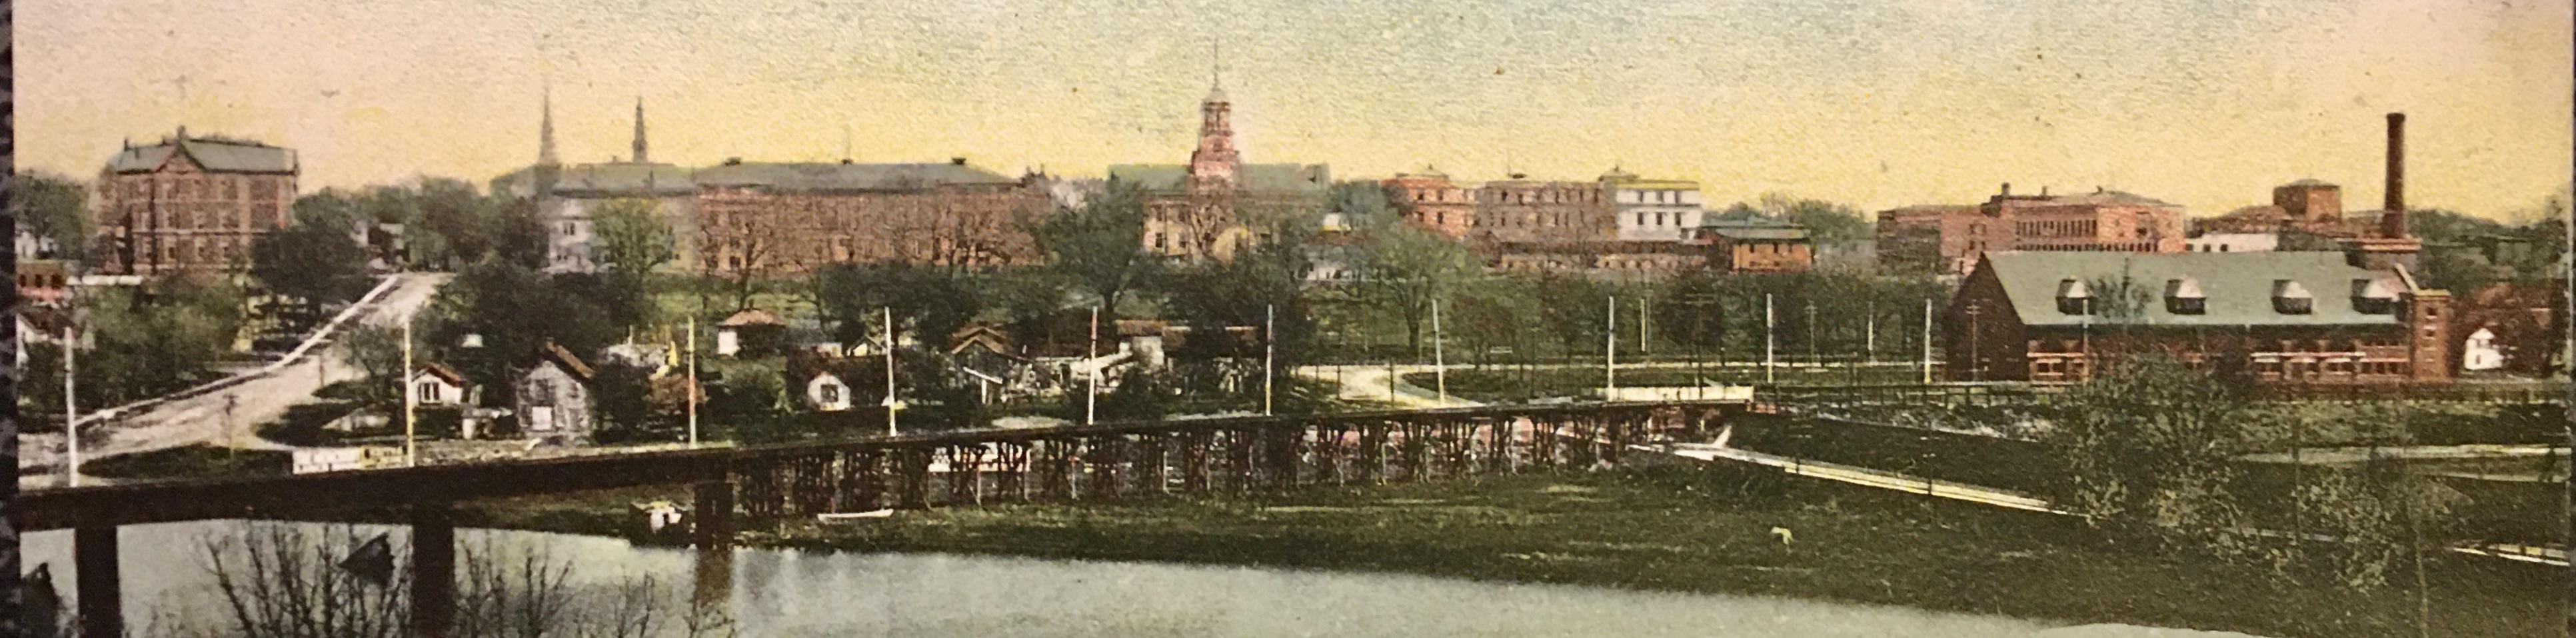 1902pentacrest